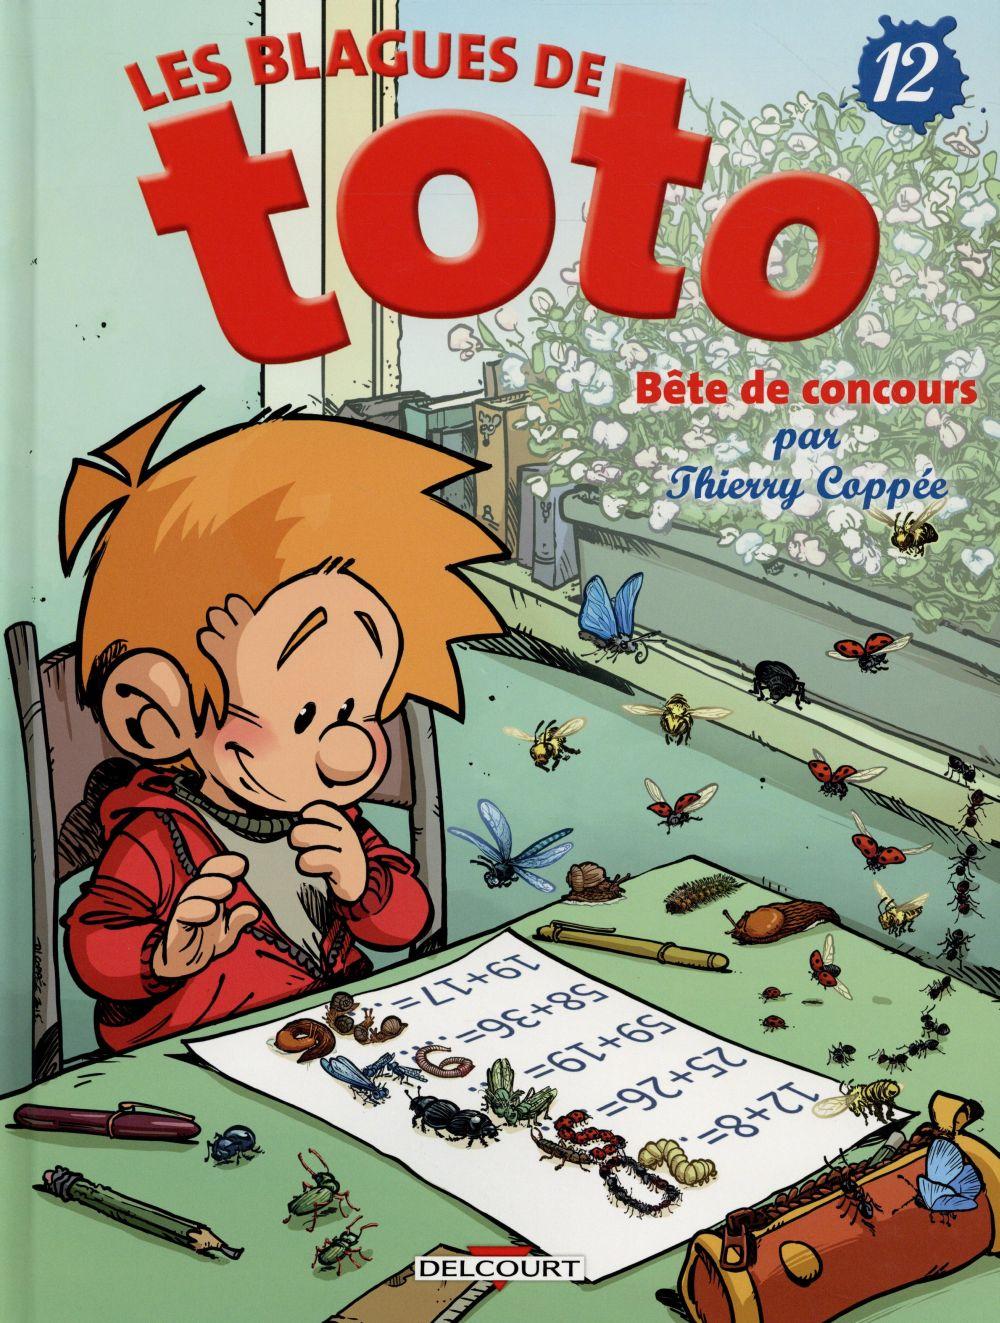 Les Blagues de Toto. 12, Bête de concours / Thierry Coppée | Coppée, Thierry